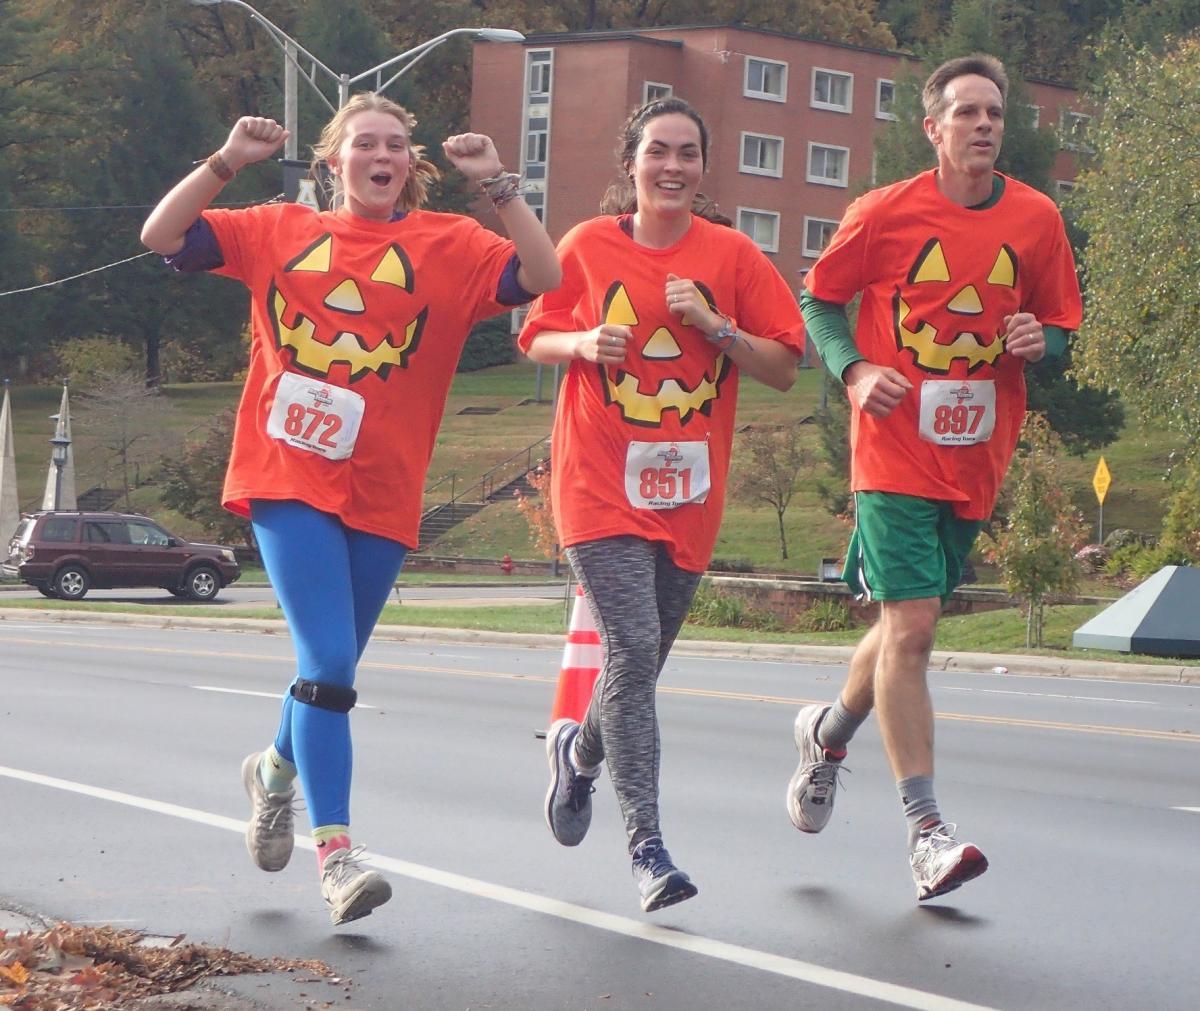 Spooky Duke race participants